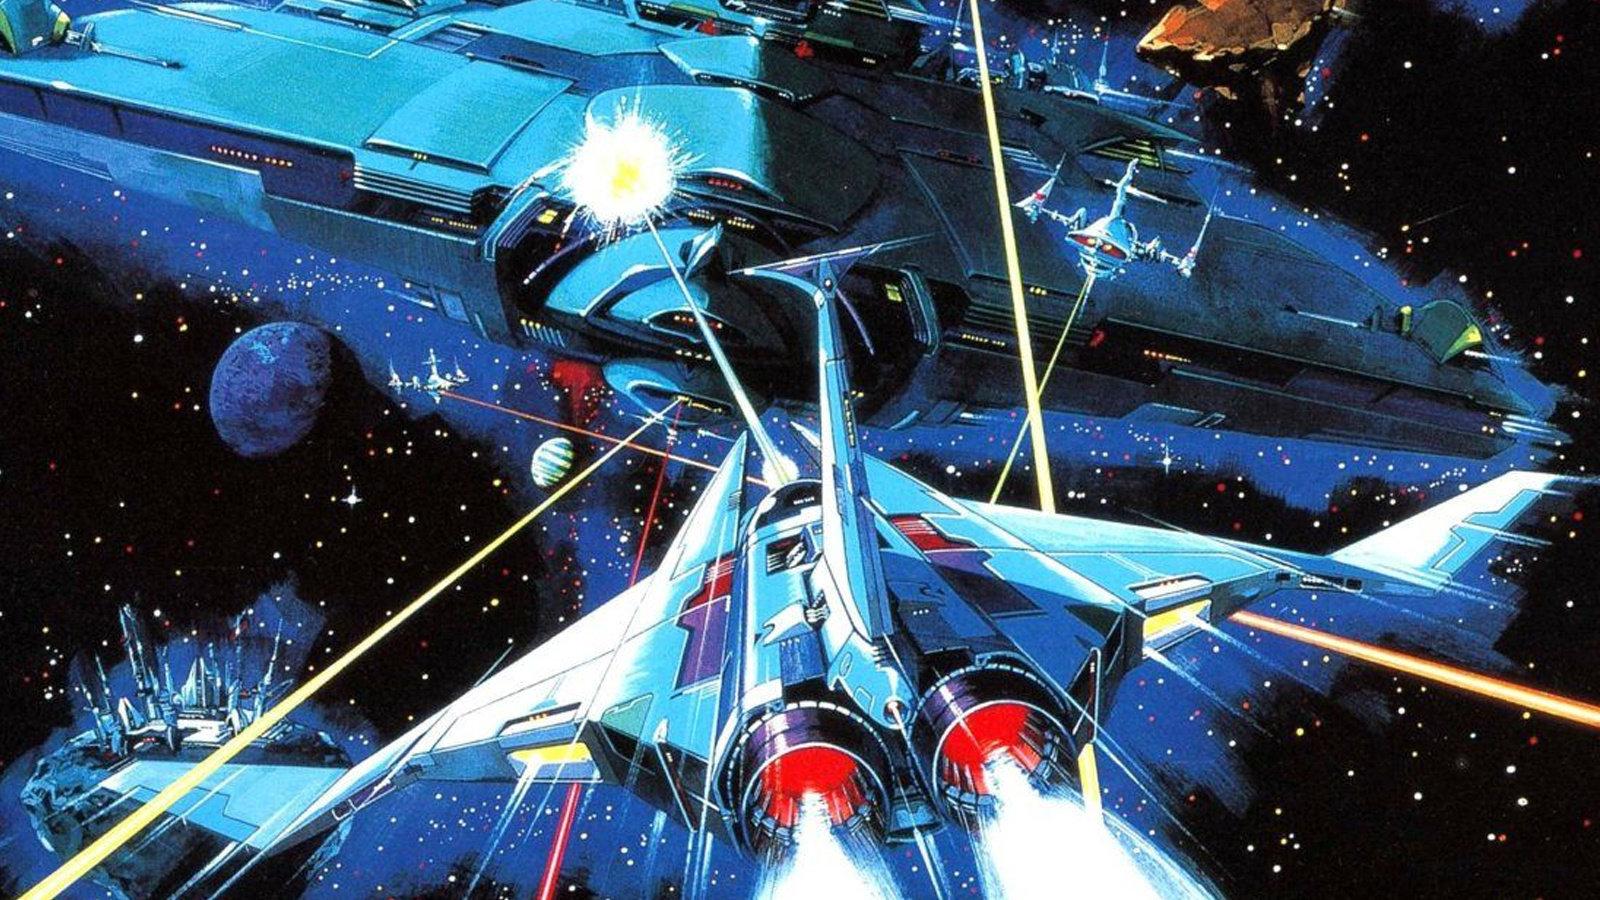 数字版游戏合集《KONAMI 周年纪念收藏》详细内容公开,将登陆全平台